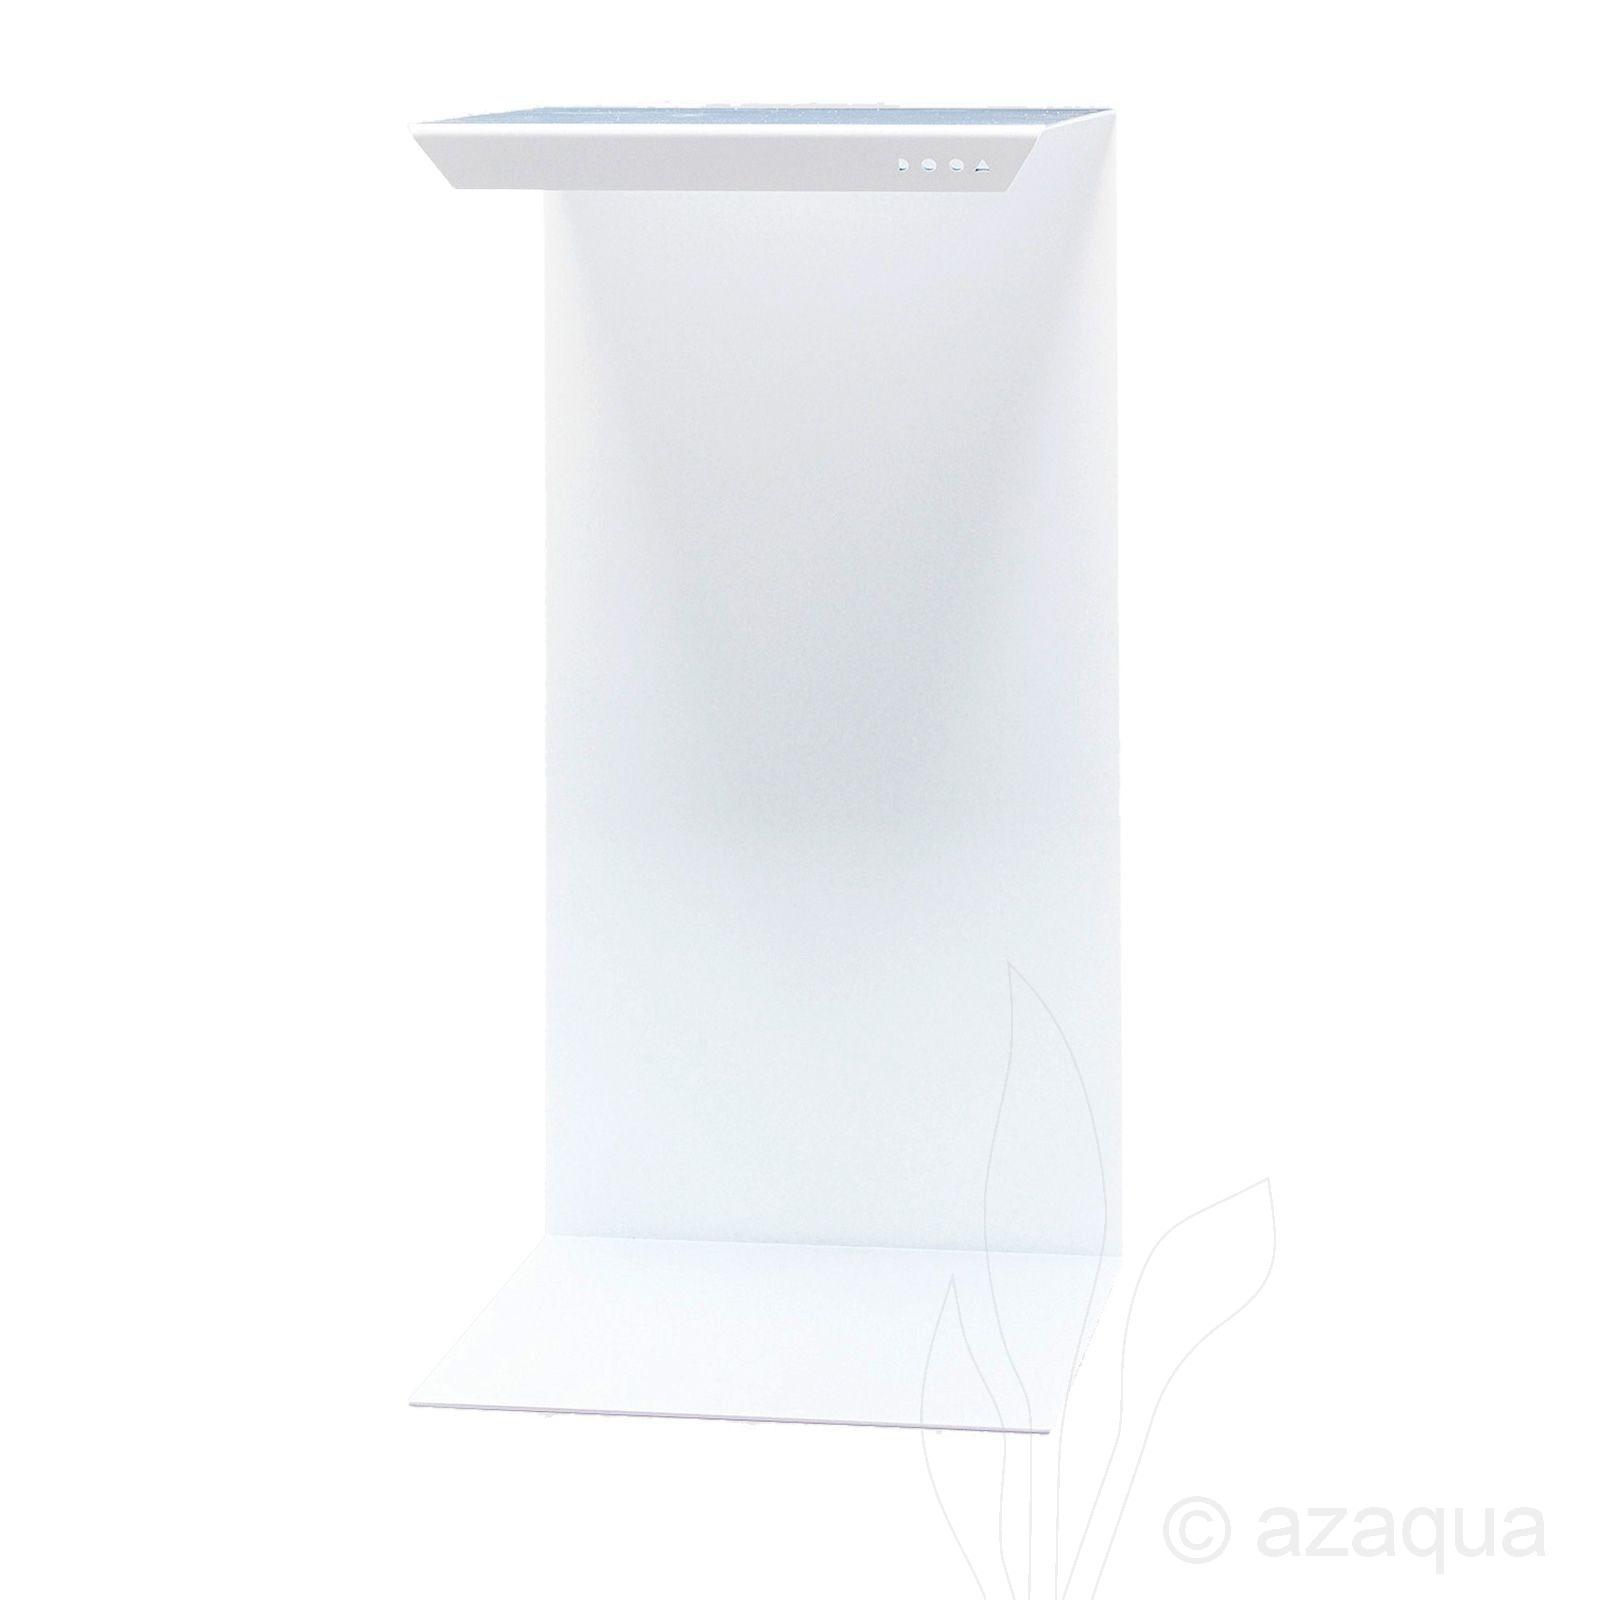 DOOA Magnet Light Stand